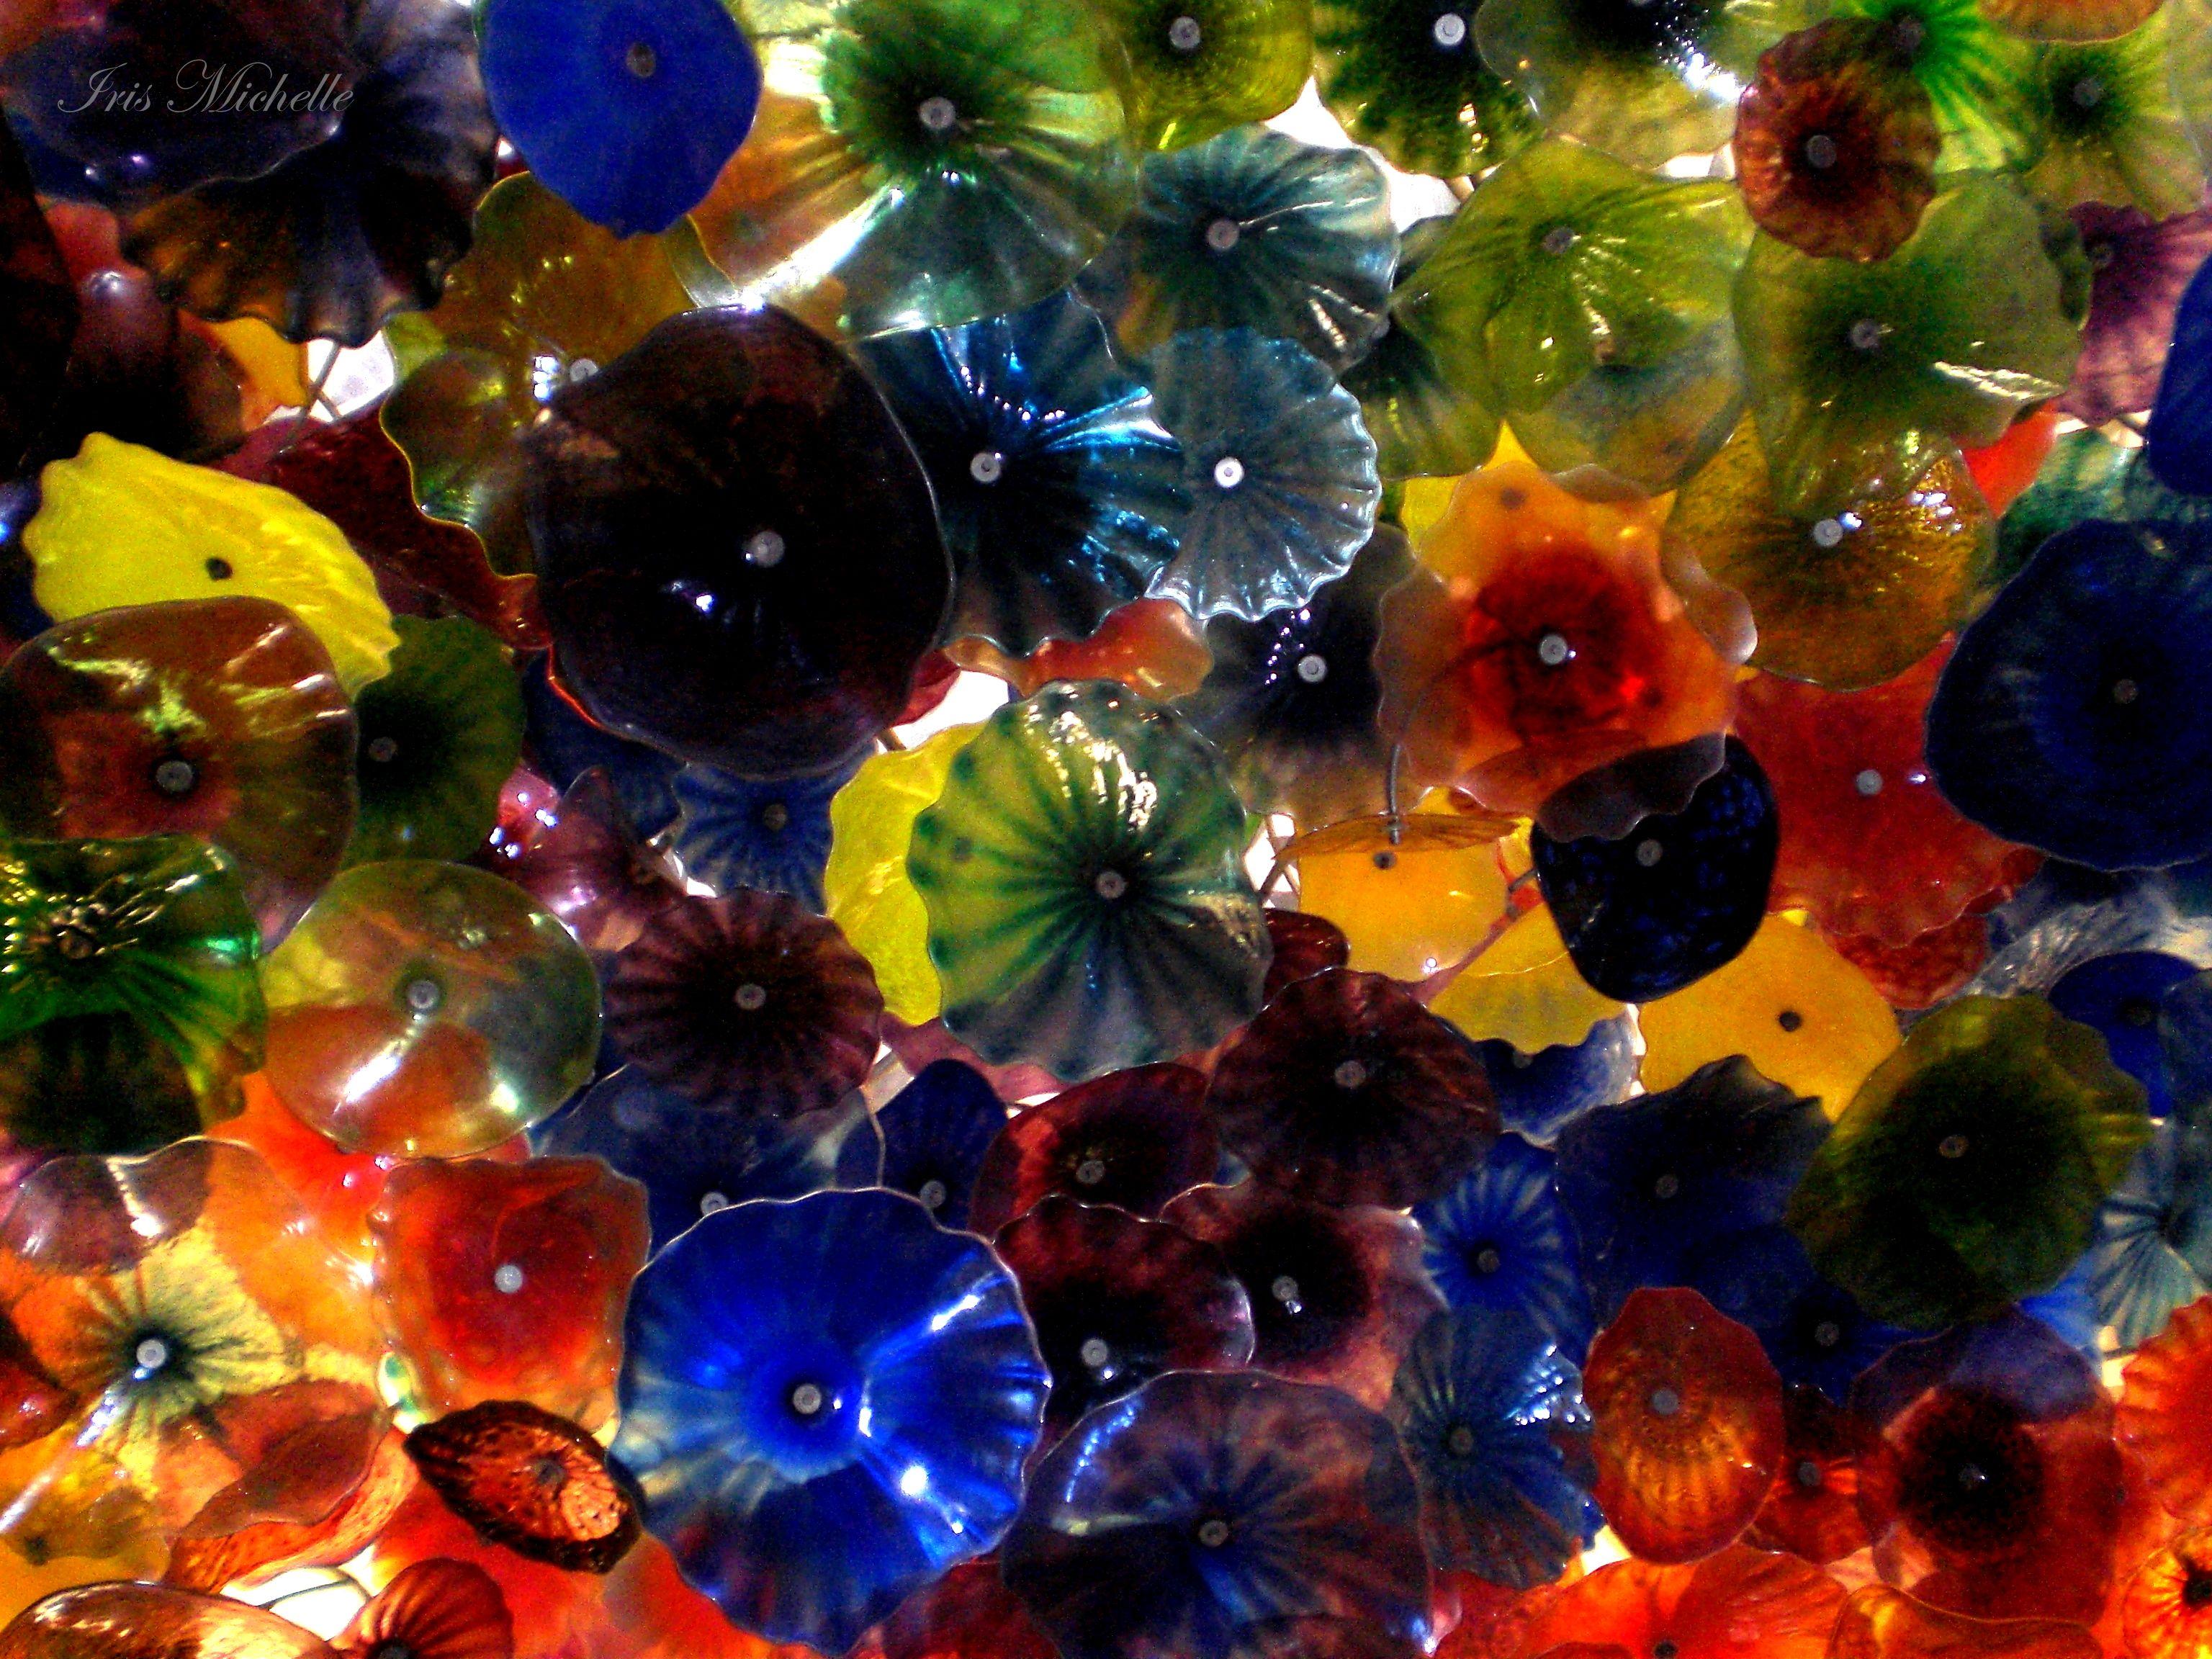 Flower ceiling, Las Vegas